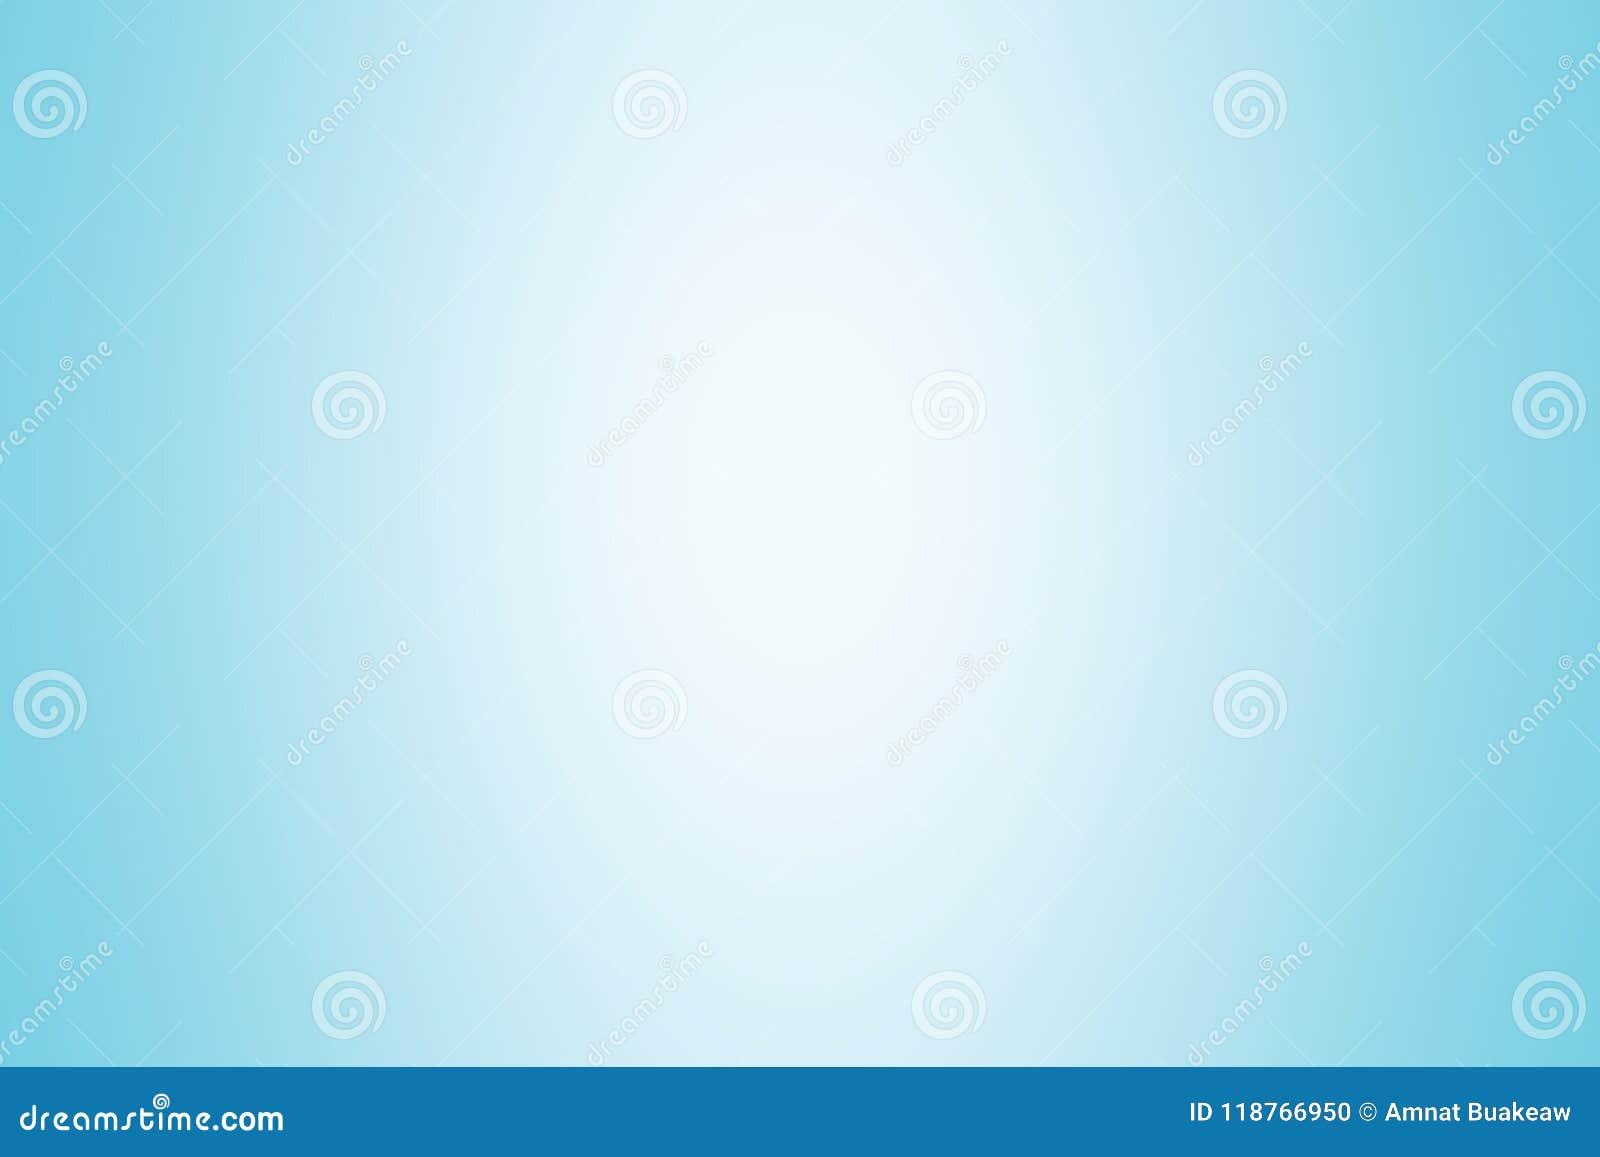 Luz suave azul da cor do fundo do inclinação, papel de parede brilhante macio azul bonito, borrão macio do inclinação da matiz az